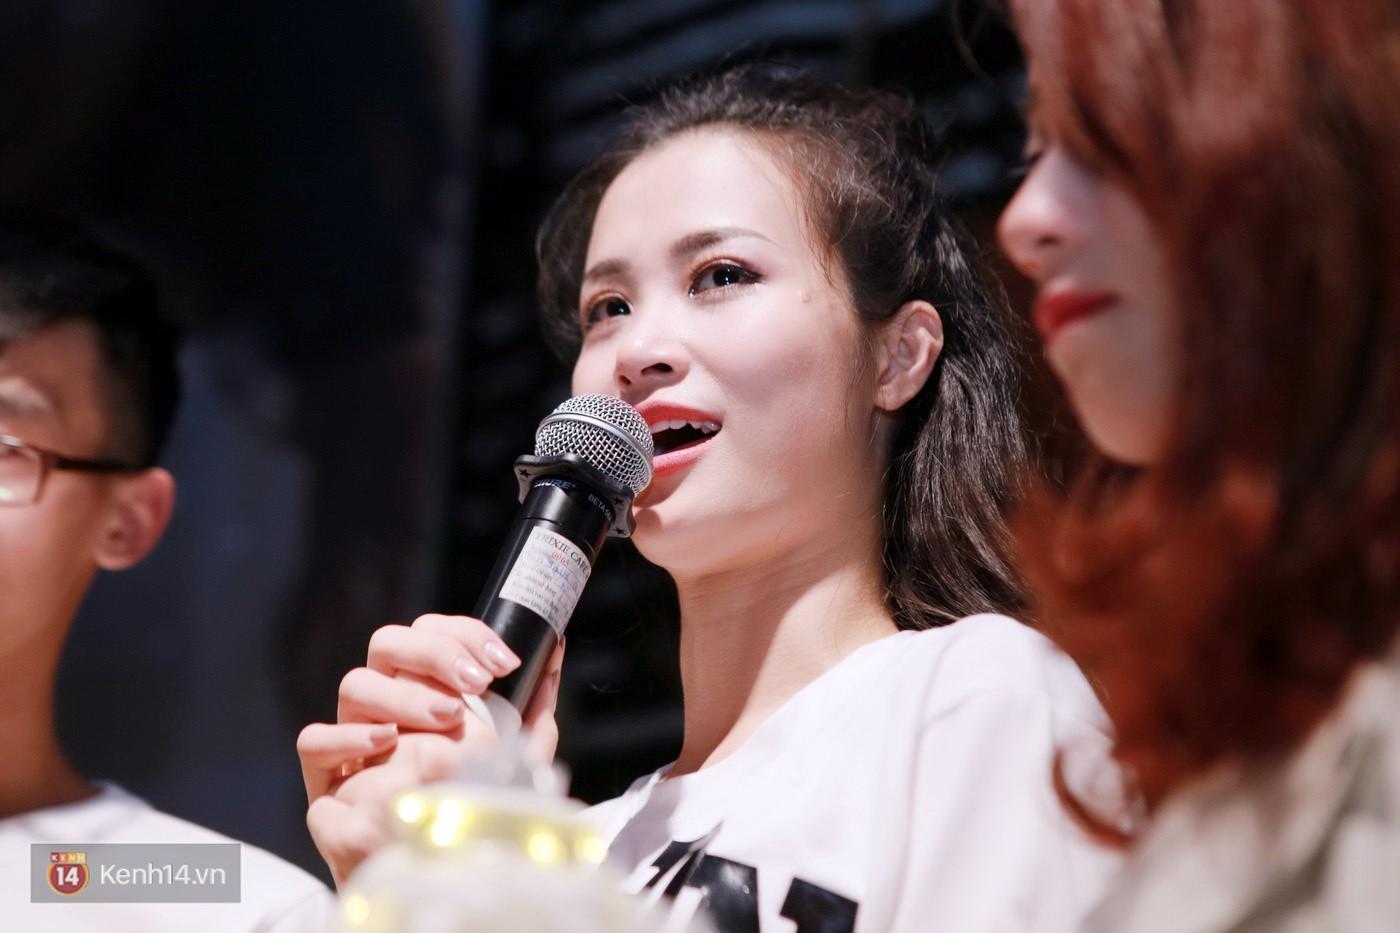 Đông Nhi nghẹn ngào rơi nước mắt trước tình cảm của fan Hà thành trong buổi fan-meeting - Ảnh 15.